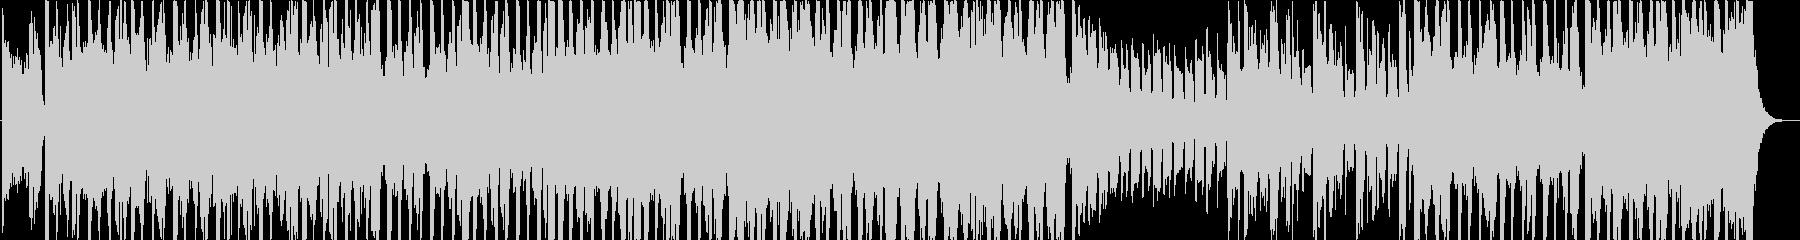 タイムラプス映像向け濃厚なアブストラクトの未再生の波形